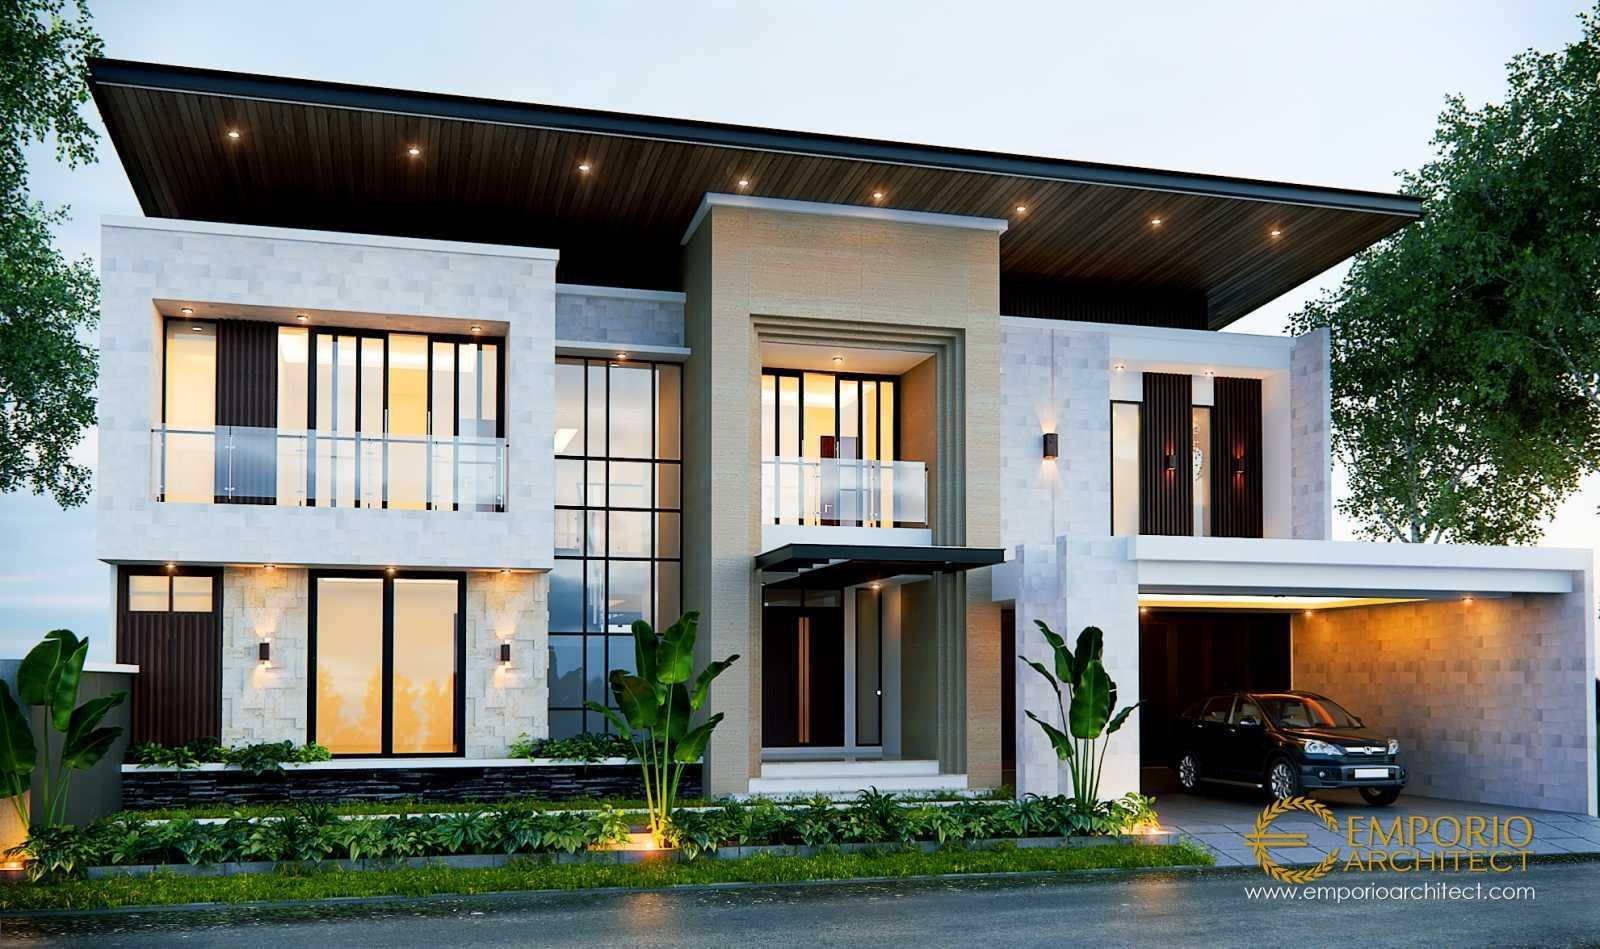 Emporio Architect Desain Rumah Modern Tropis 456 @ Bekasi Bekasi, Kota Bks, Jawa Barat, Indonesia Bekasi, Kota Bks, Jawa Barat, Indonesia Emporio-Architect-Desain-Rumah-Modern-Tropis-456-Bekasi Modern 76120